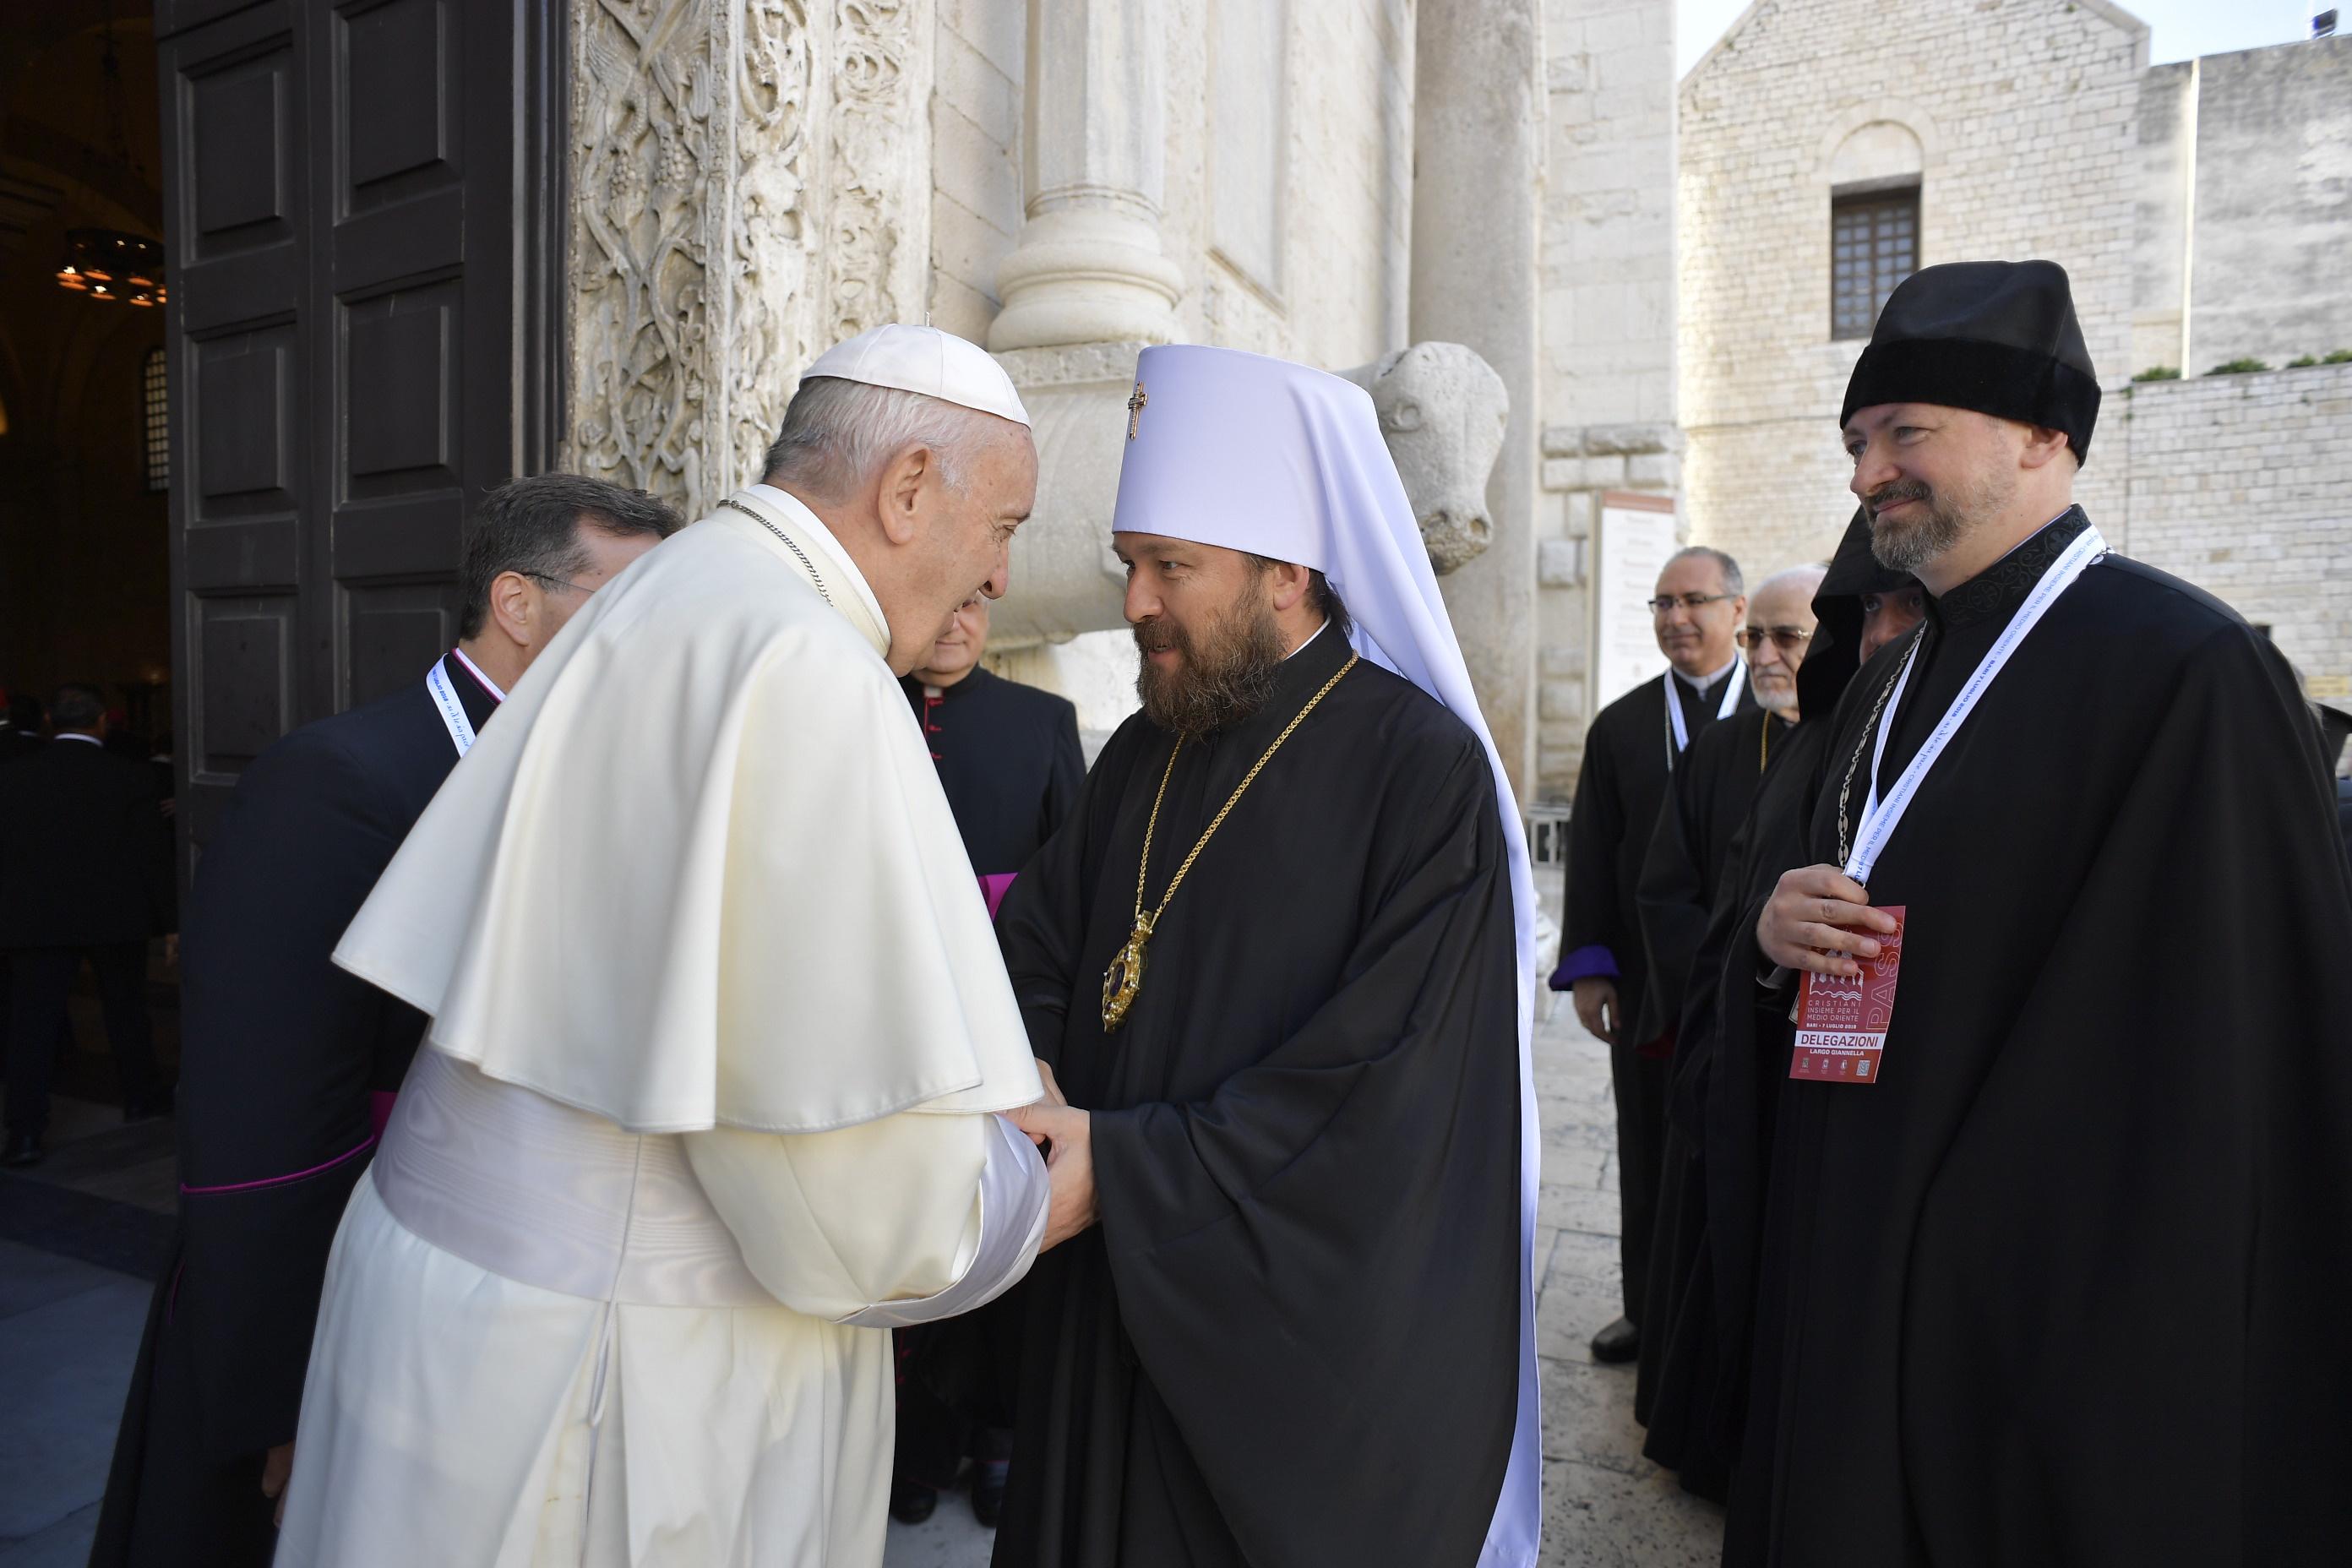 Le pape François accueille le métropolite russe Hilarion à la basilique S. Nicolas, à Bari (Italie) 7/7/2018 © Vatican Media